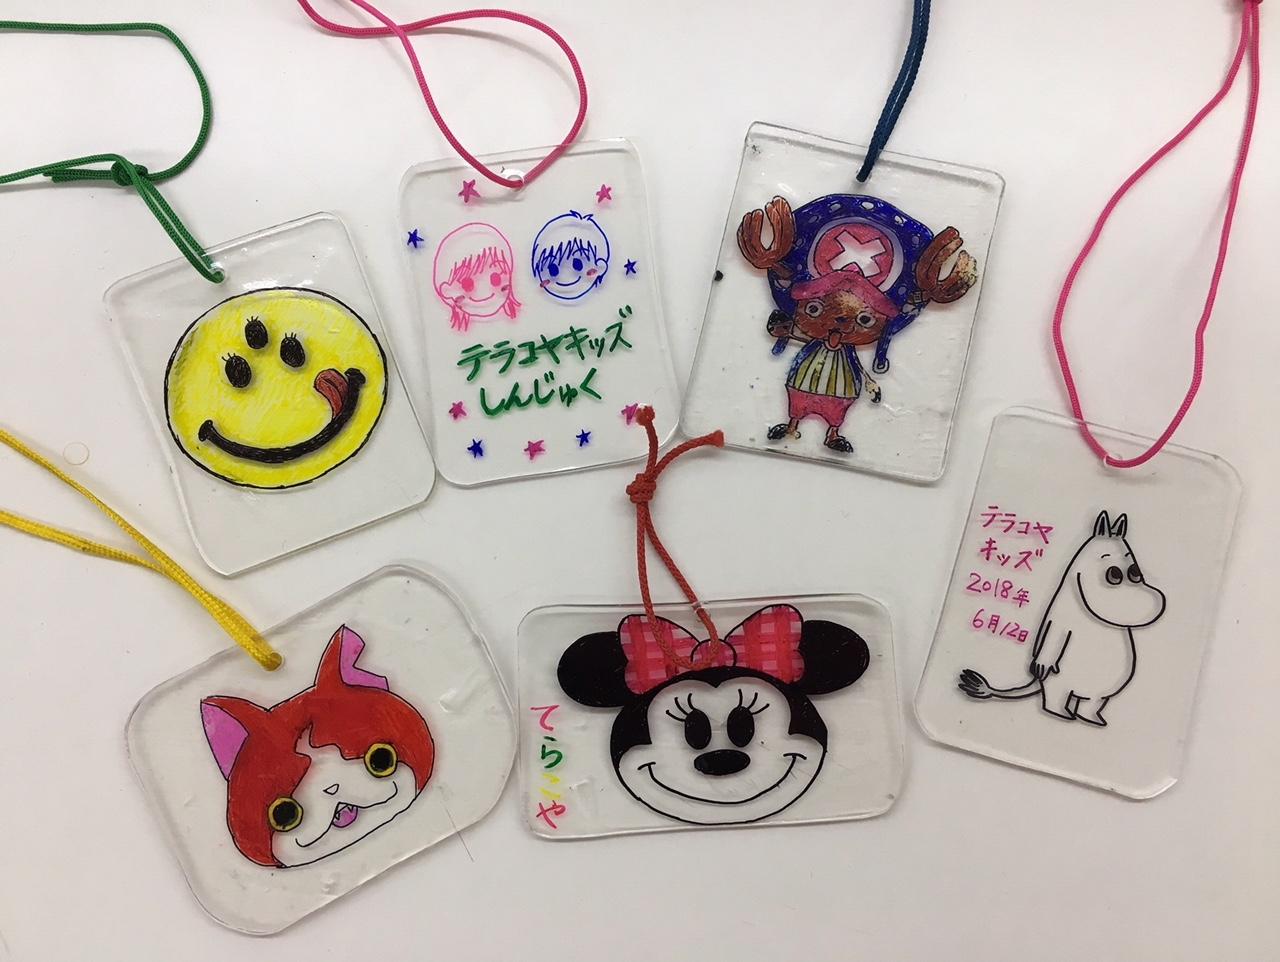 H306月新宿教室ブログプラバン工作でプレゼント テラコヤキッズ